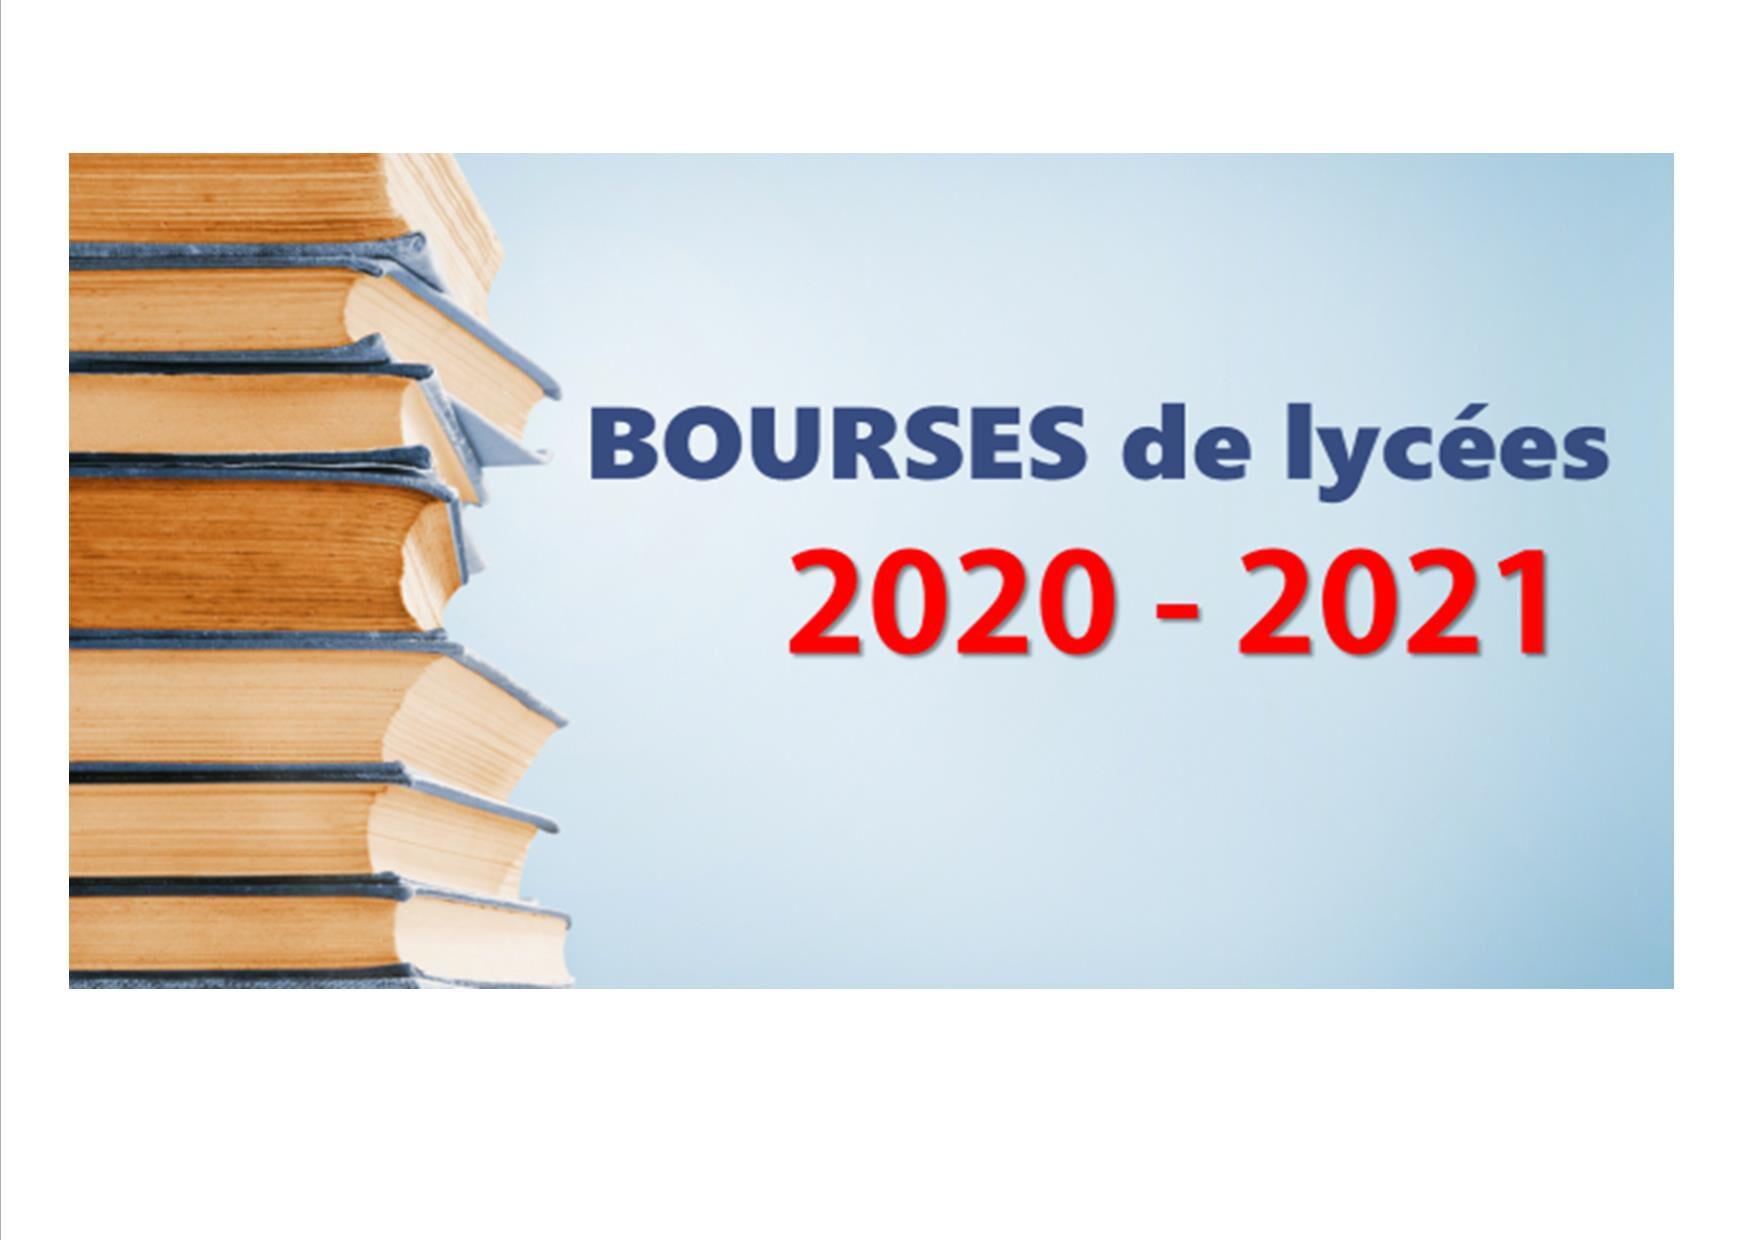 Bourse de lycée rentrée 2020